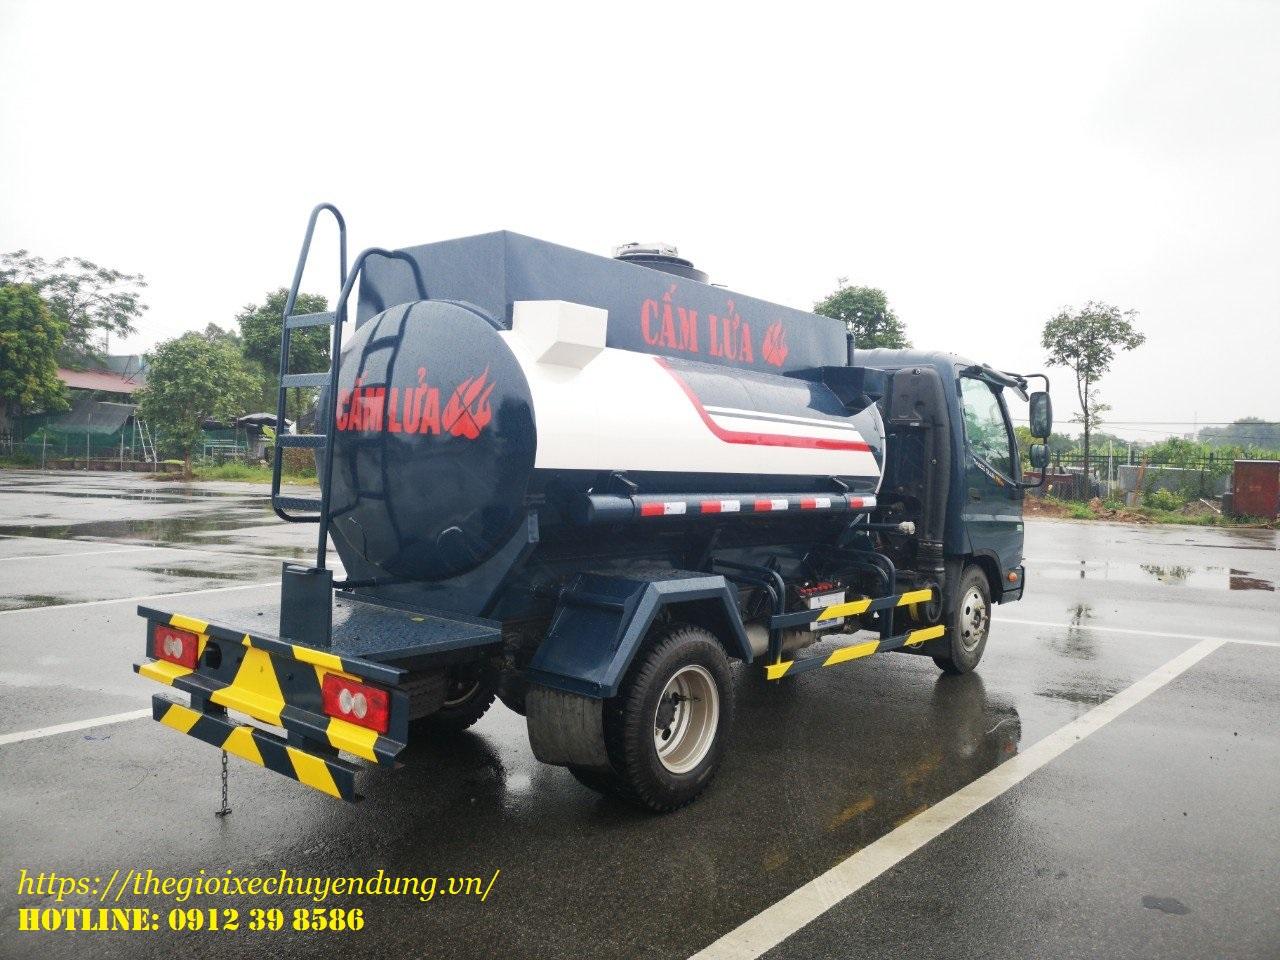 xe xitec chở xăng dầu 4 khối ollin 350